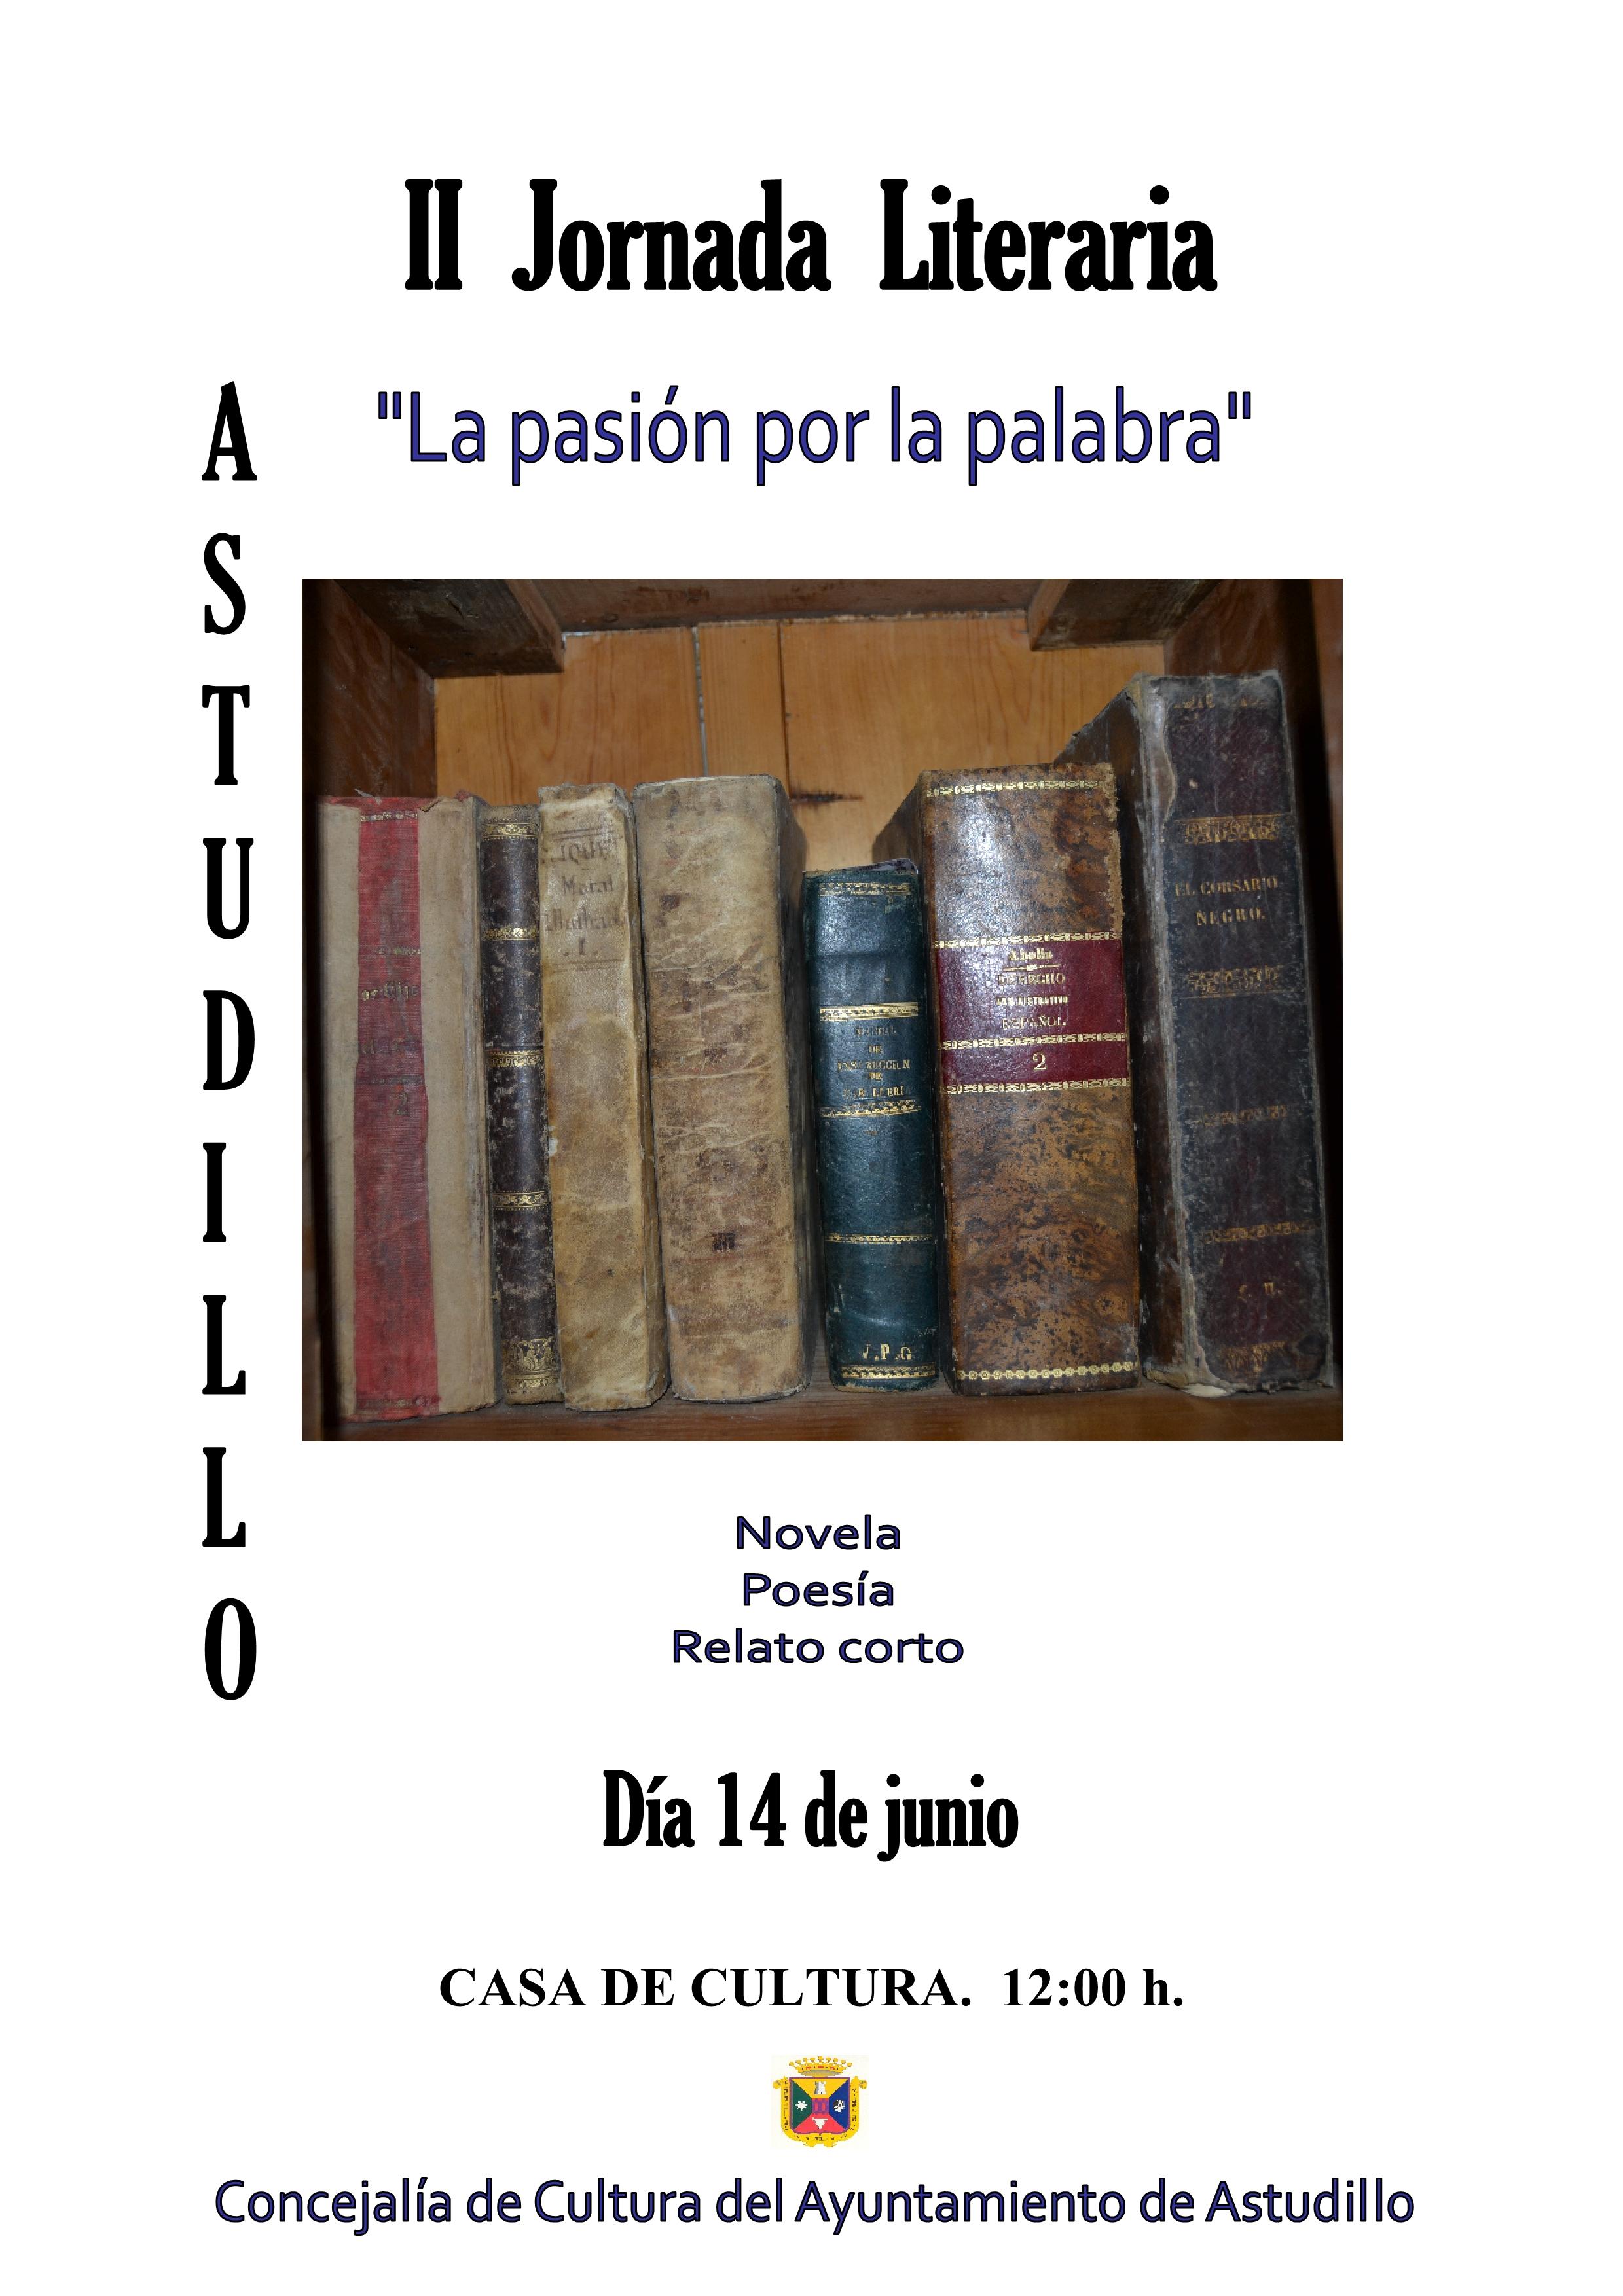 II Jornada Literaria «La pasión por la palabra»